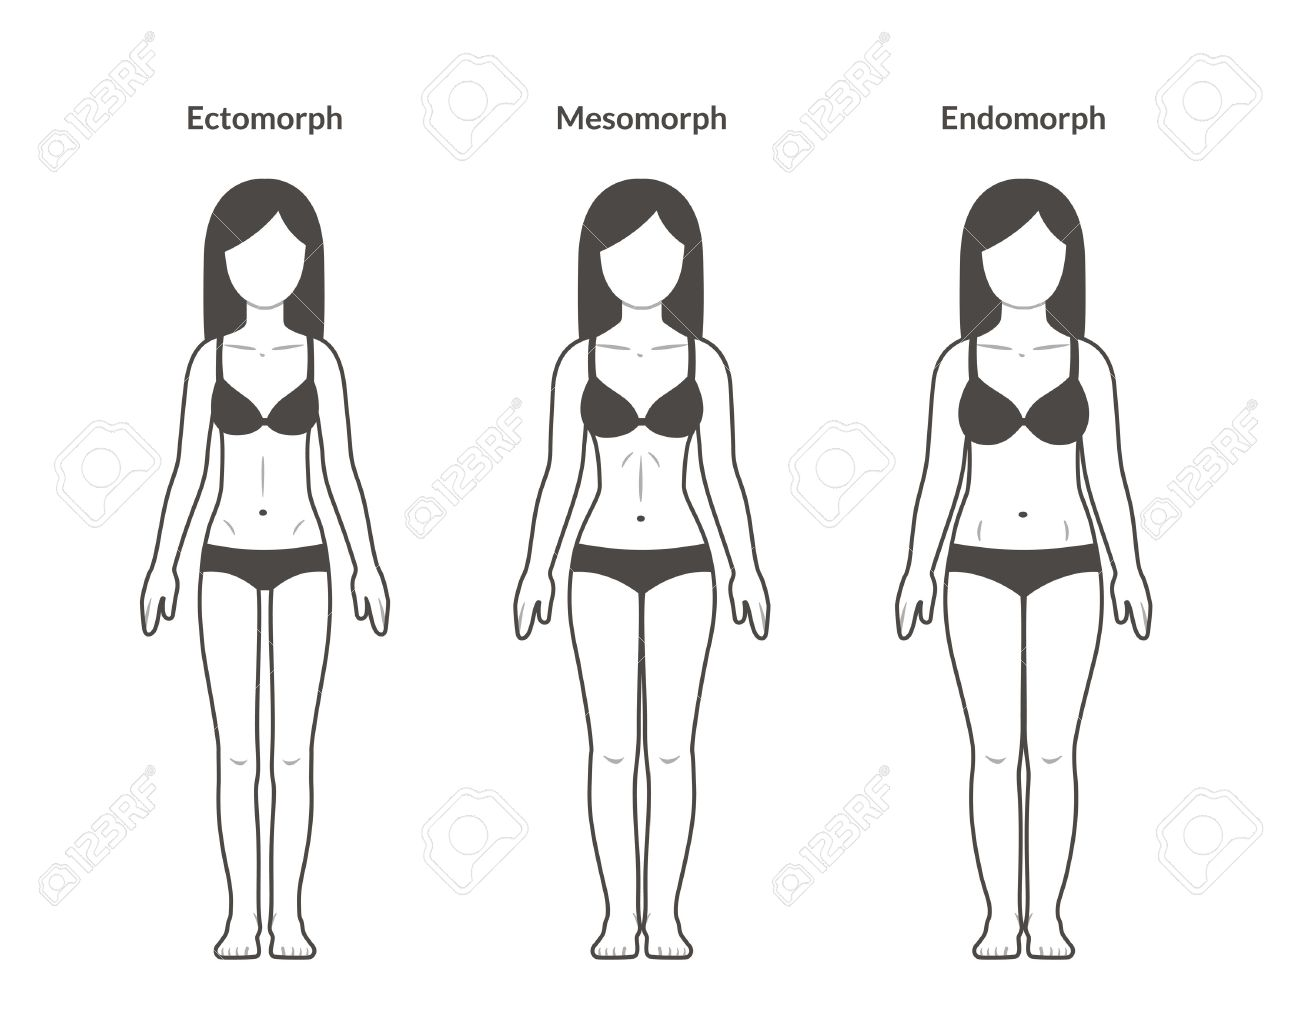 tipo de cuerpo endomorfo mesomorfo